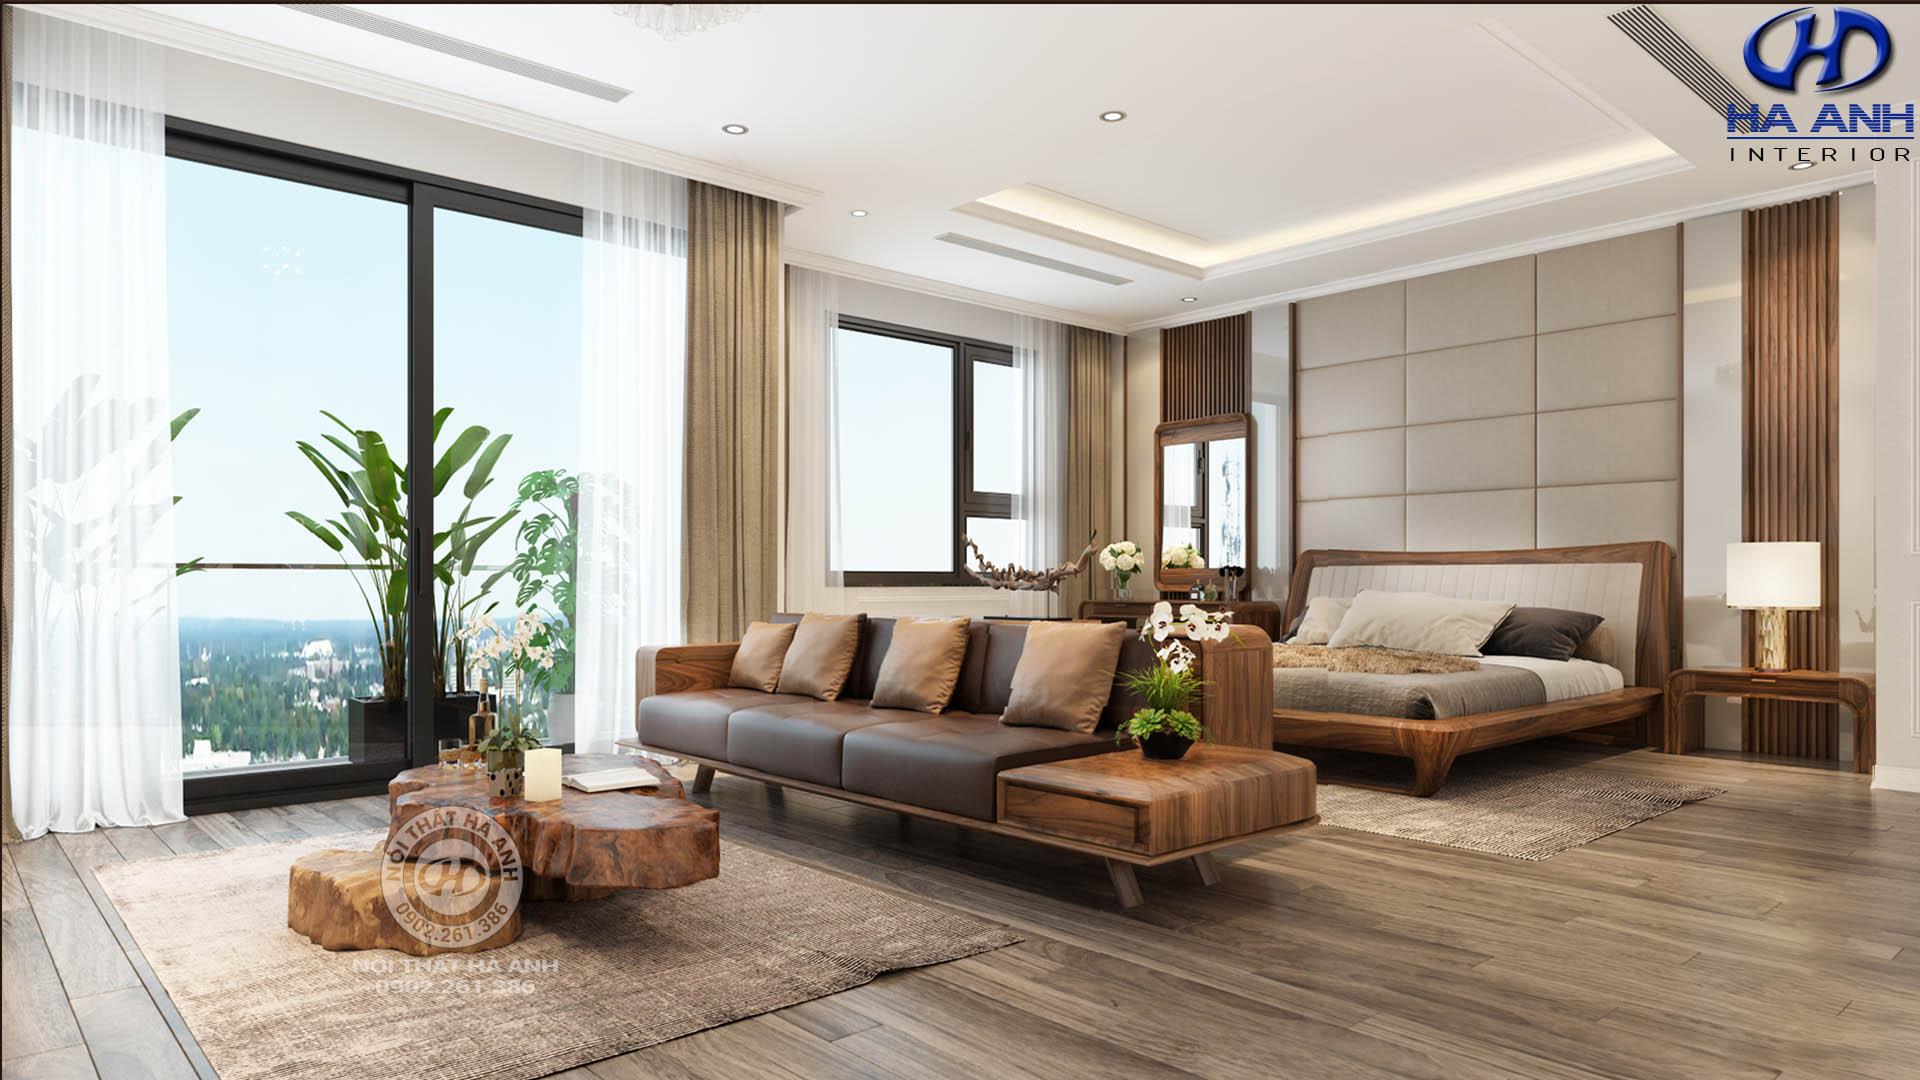 Phong cách thiết kế nội thất hiện đại bằng gỗ óc chó 2019